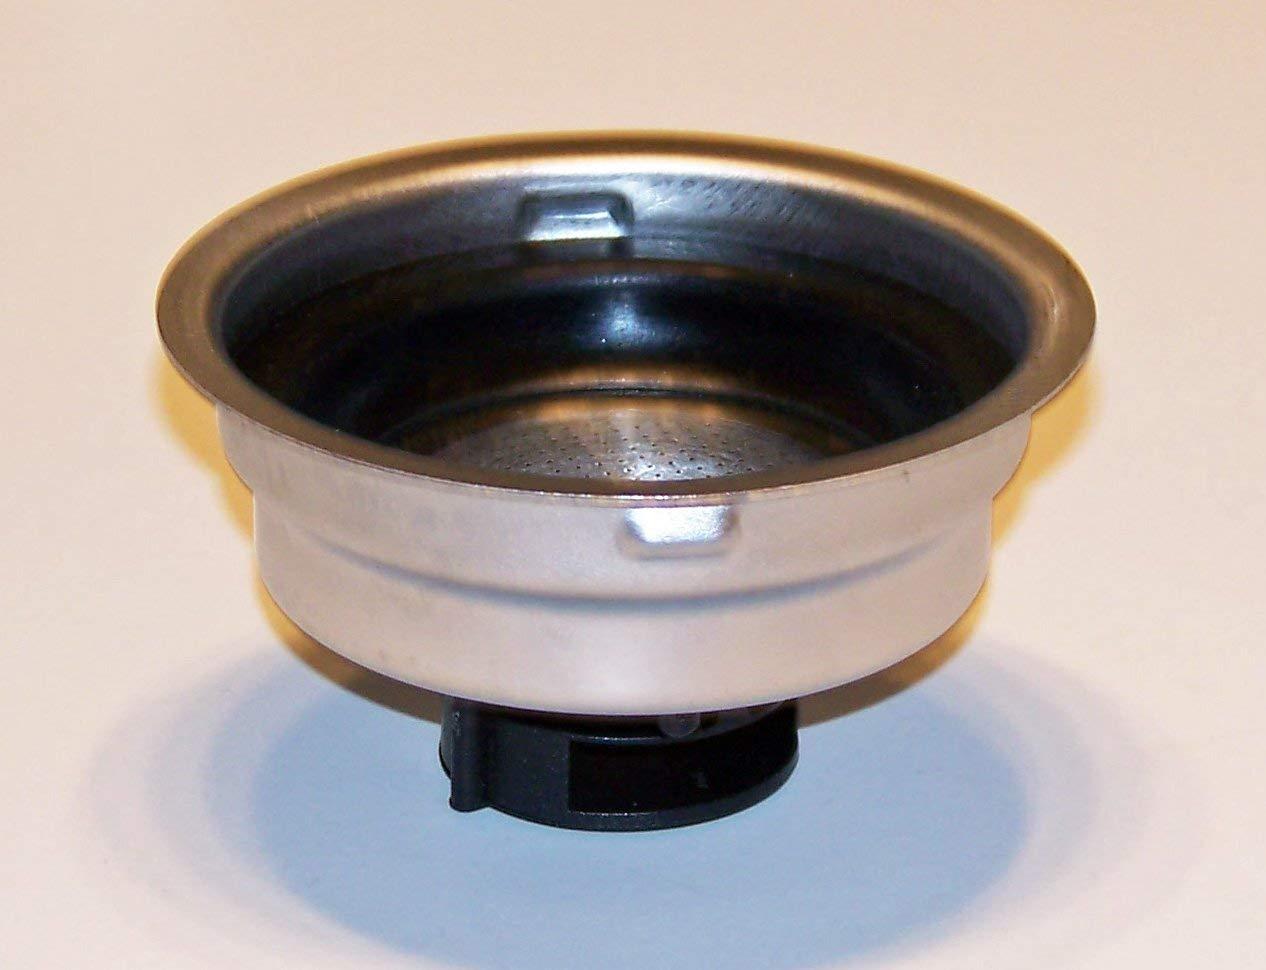 Delonghi Filter Assembly 1 Cup For Delonghi Models EC460, EC155, DES027, BCO430, DES028